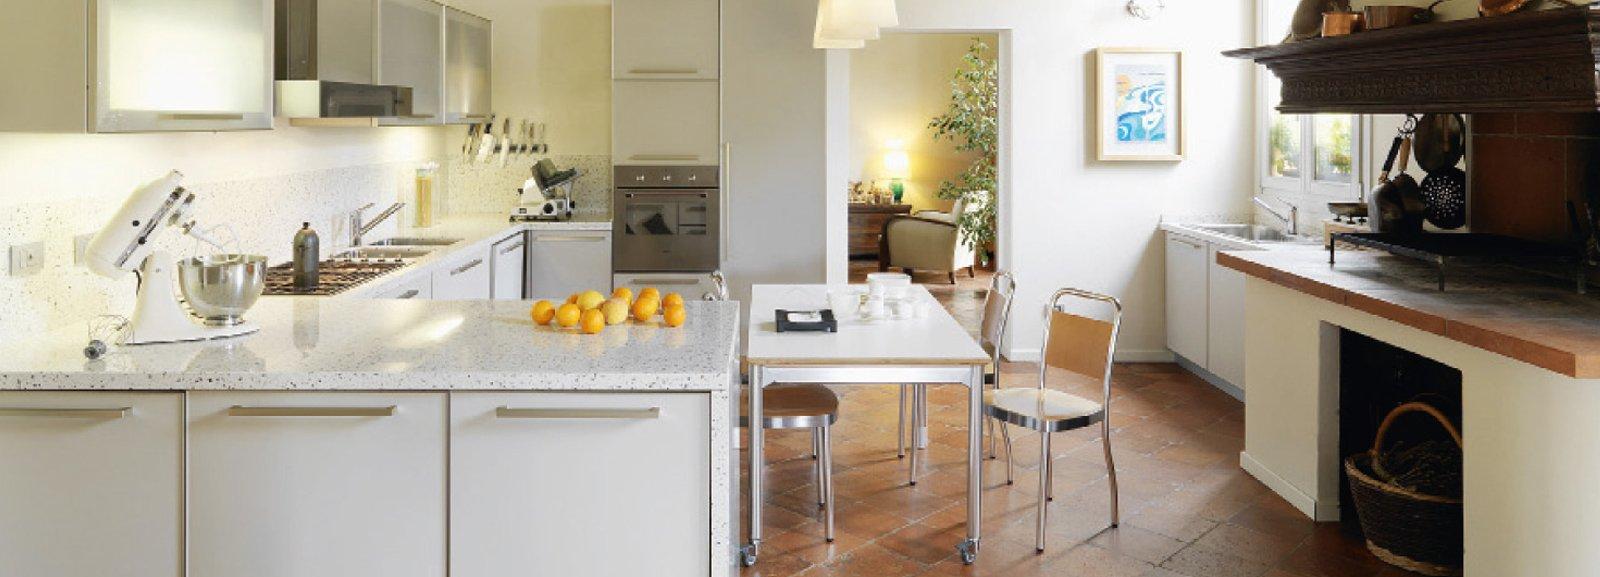 Casa classica con finiture e mobili d 39 epoca cose di casa for Ristrutturare casa classica